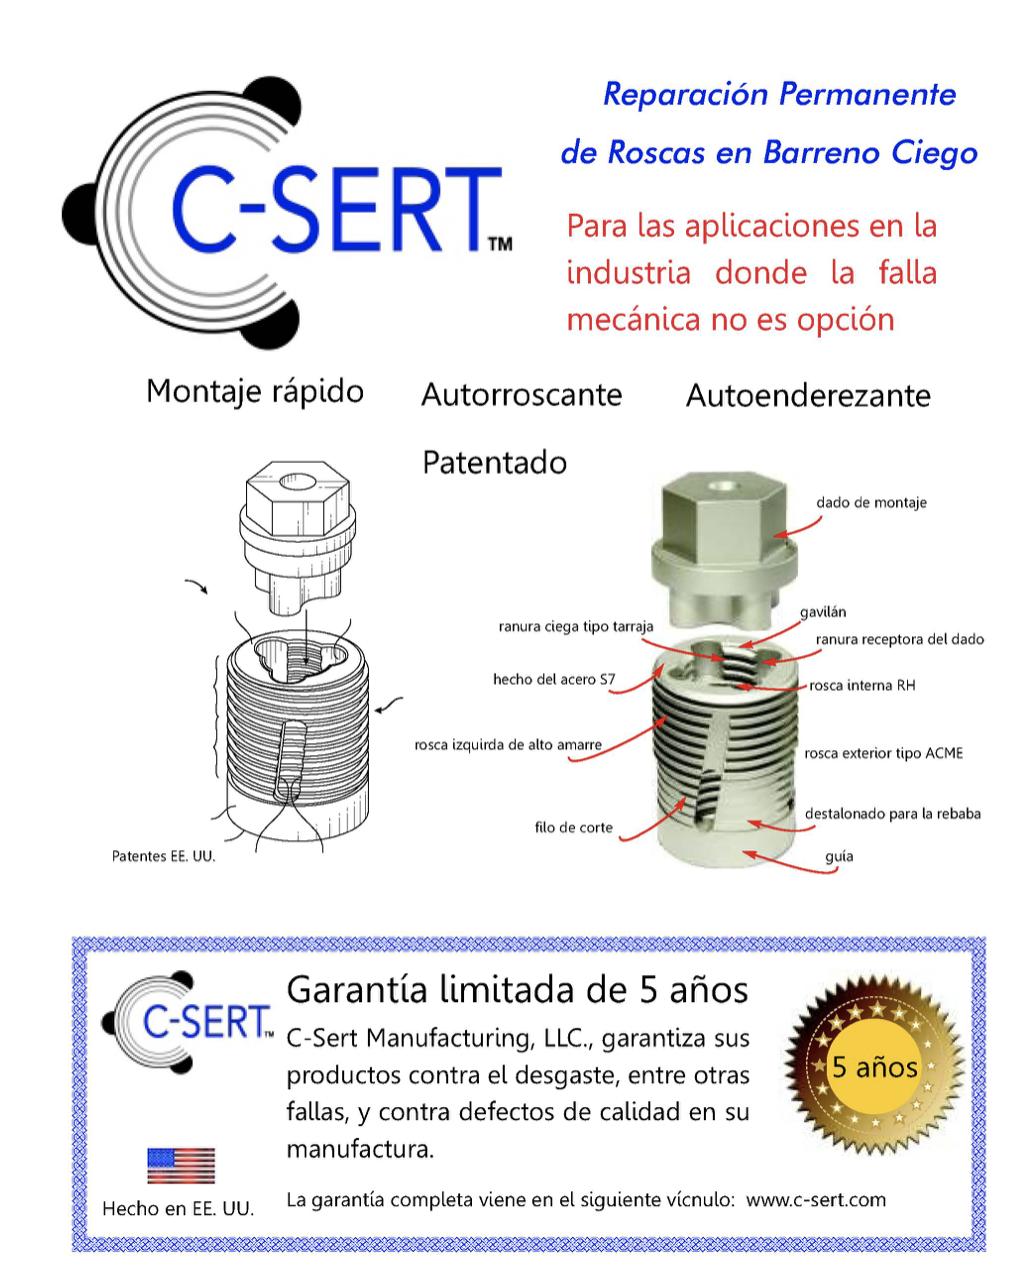 Garantia C-sert y especificaciones